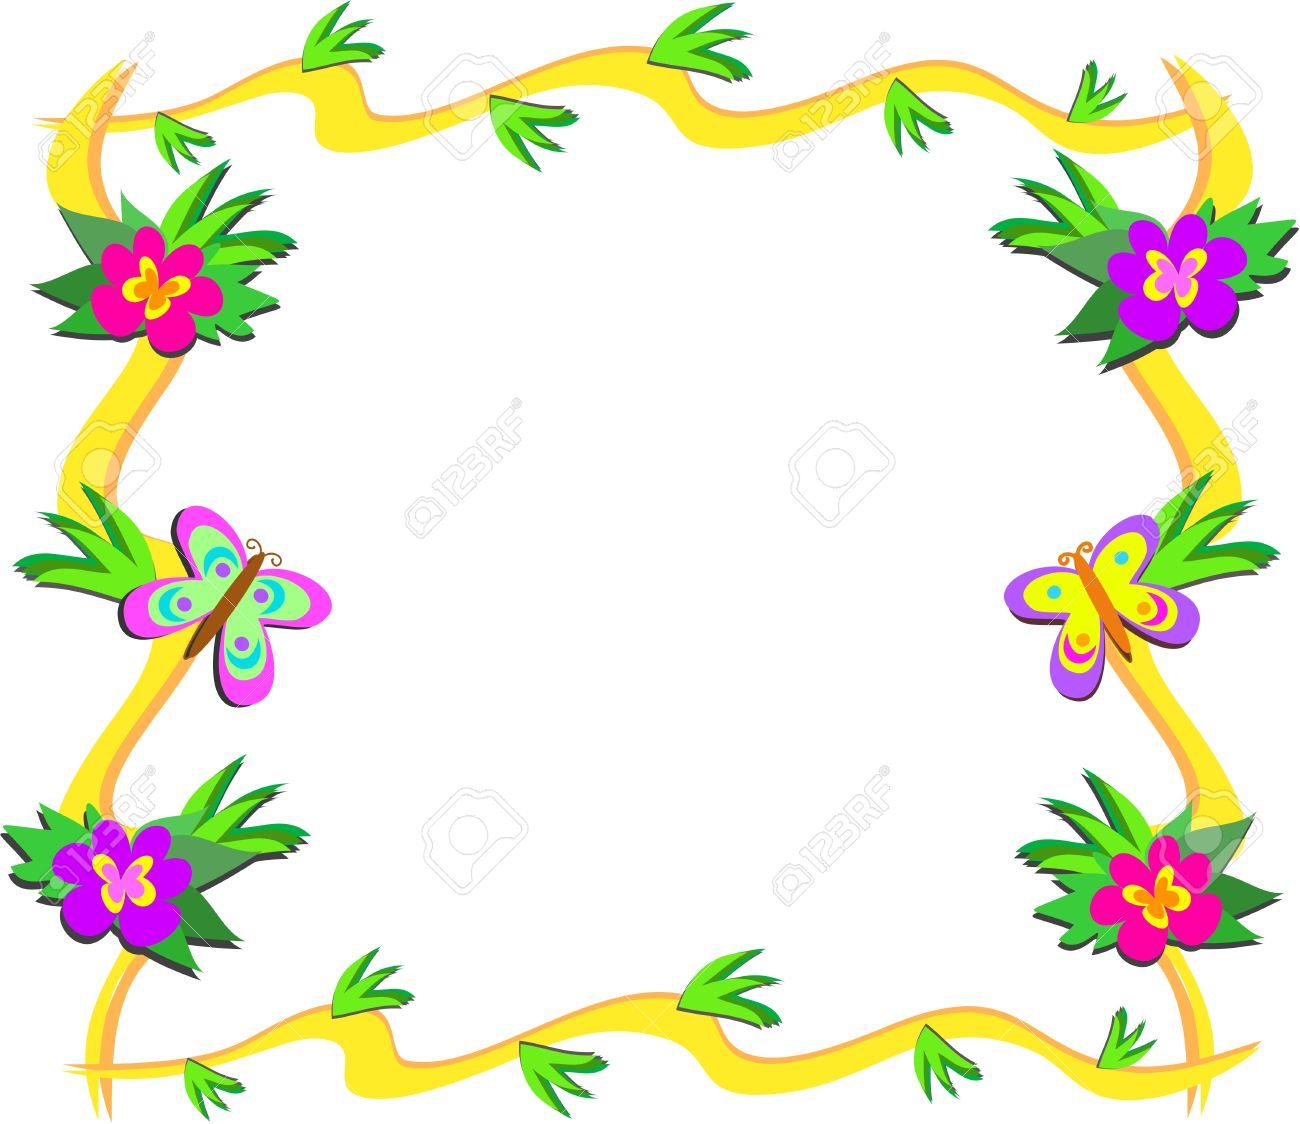 1300x1124 Floral Butterflies Clipart, Explore Pictures